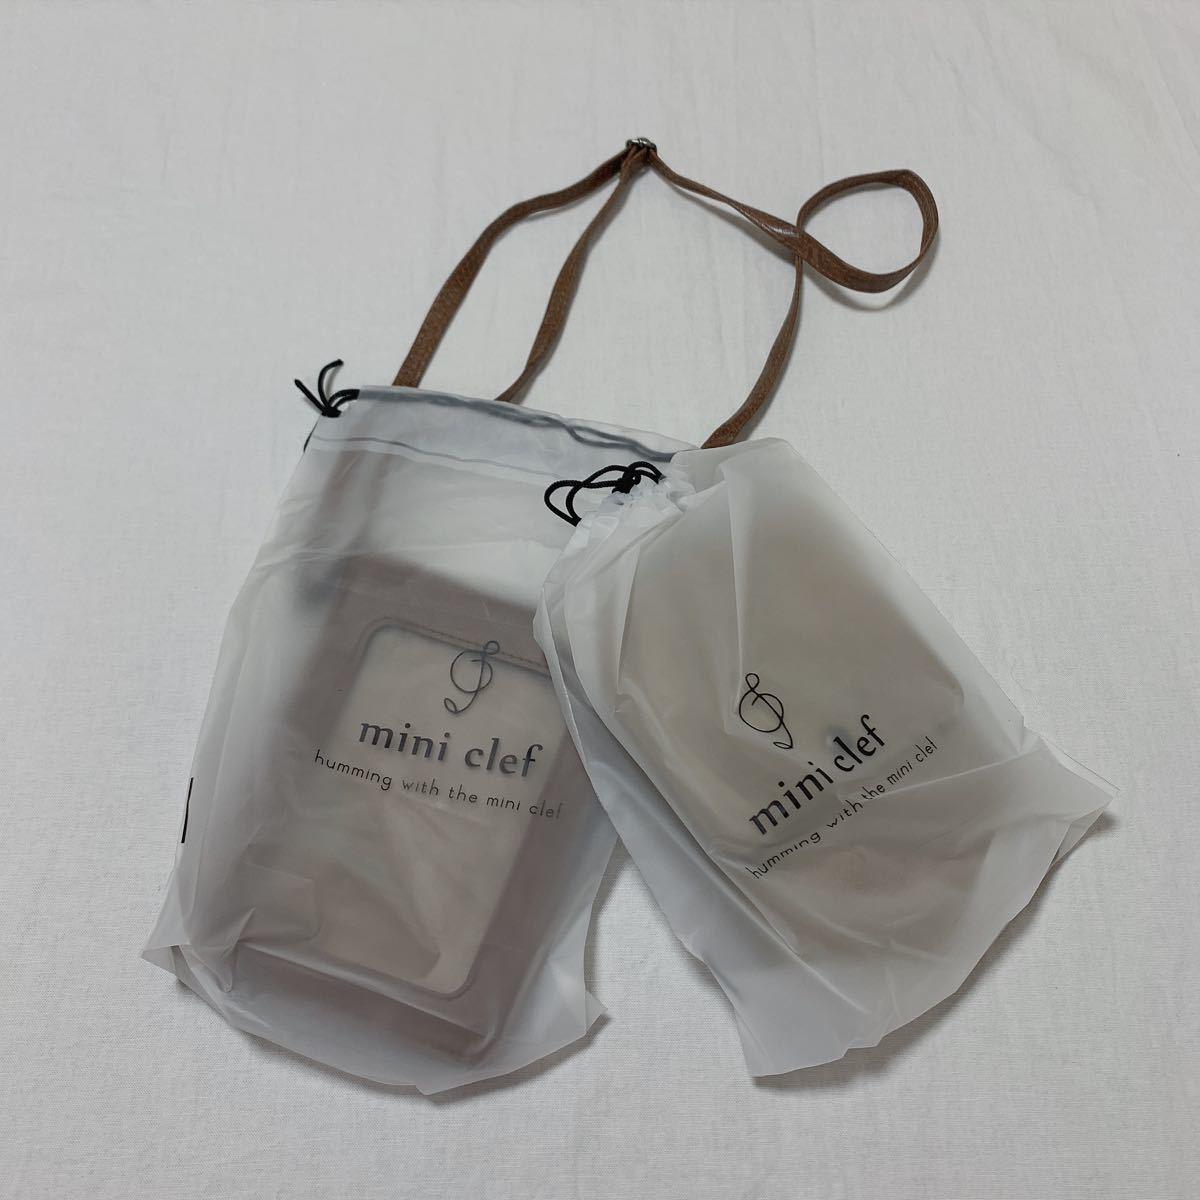 マルチクロスバッグ 旅行バッグ ポーチ 携帯ケース iPhoneケース